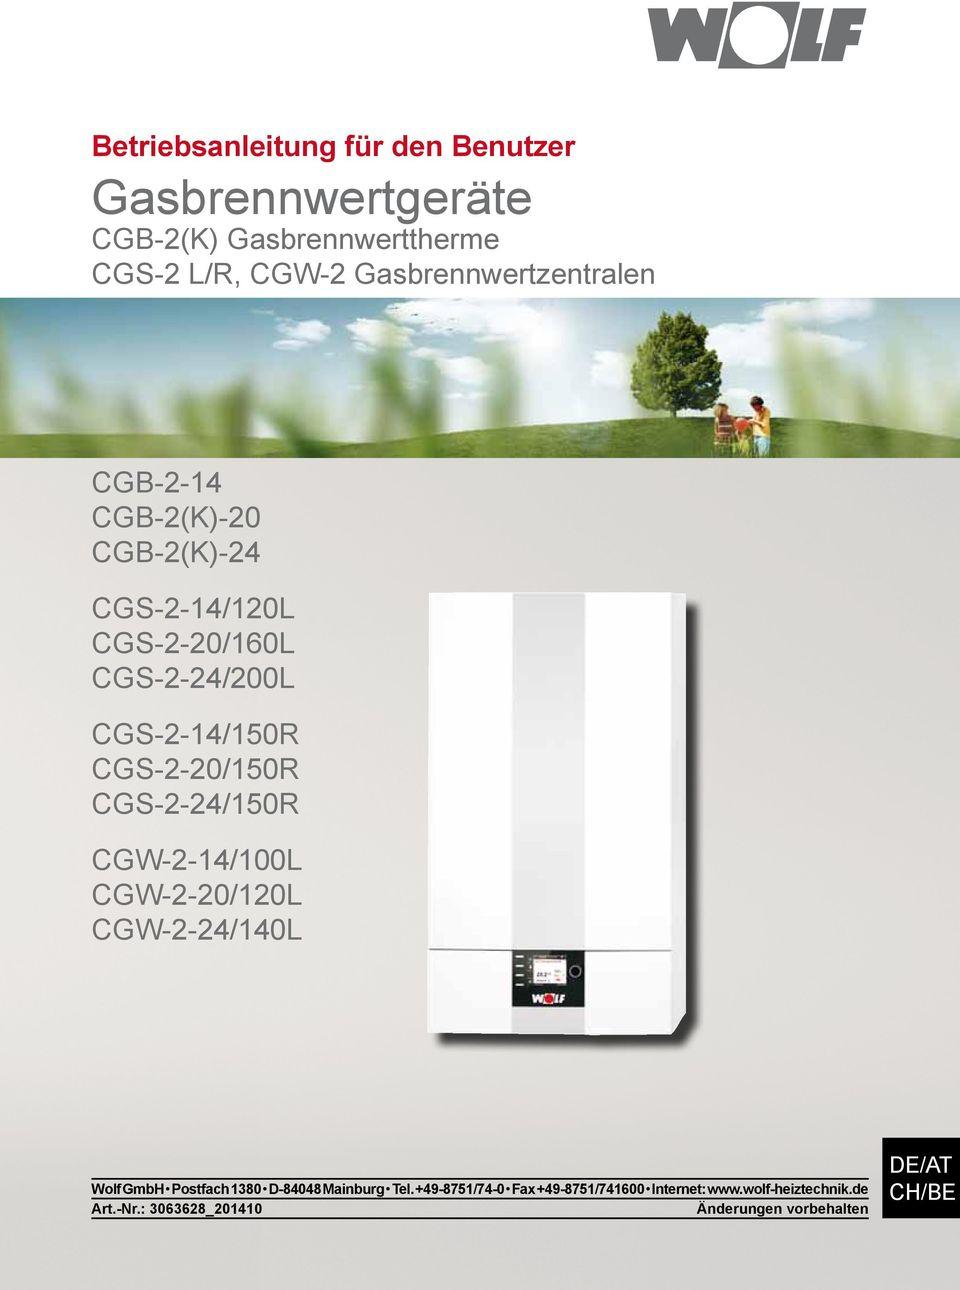 Gasbrennwertgeräte Cgb-2(K) Gasbrennwerttherme Cgs-2 L/R, Cgw-2